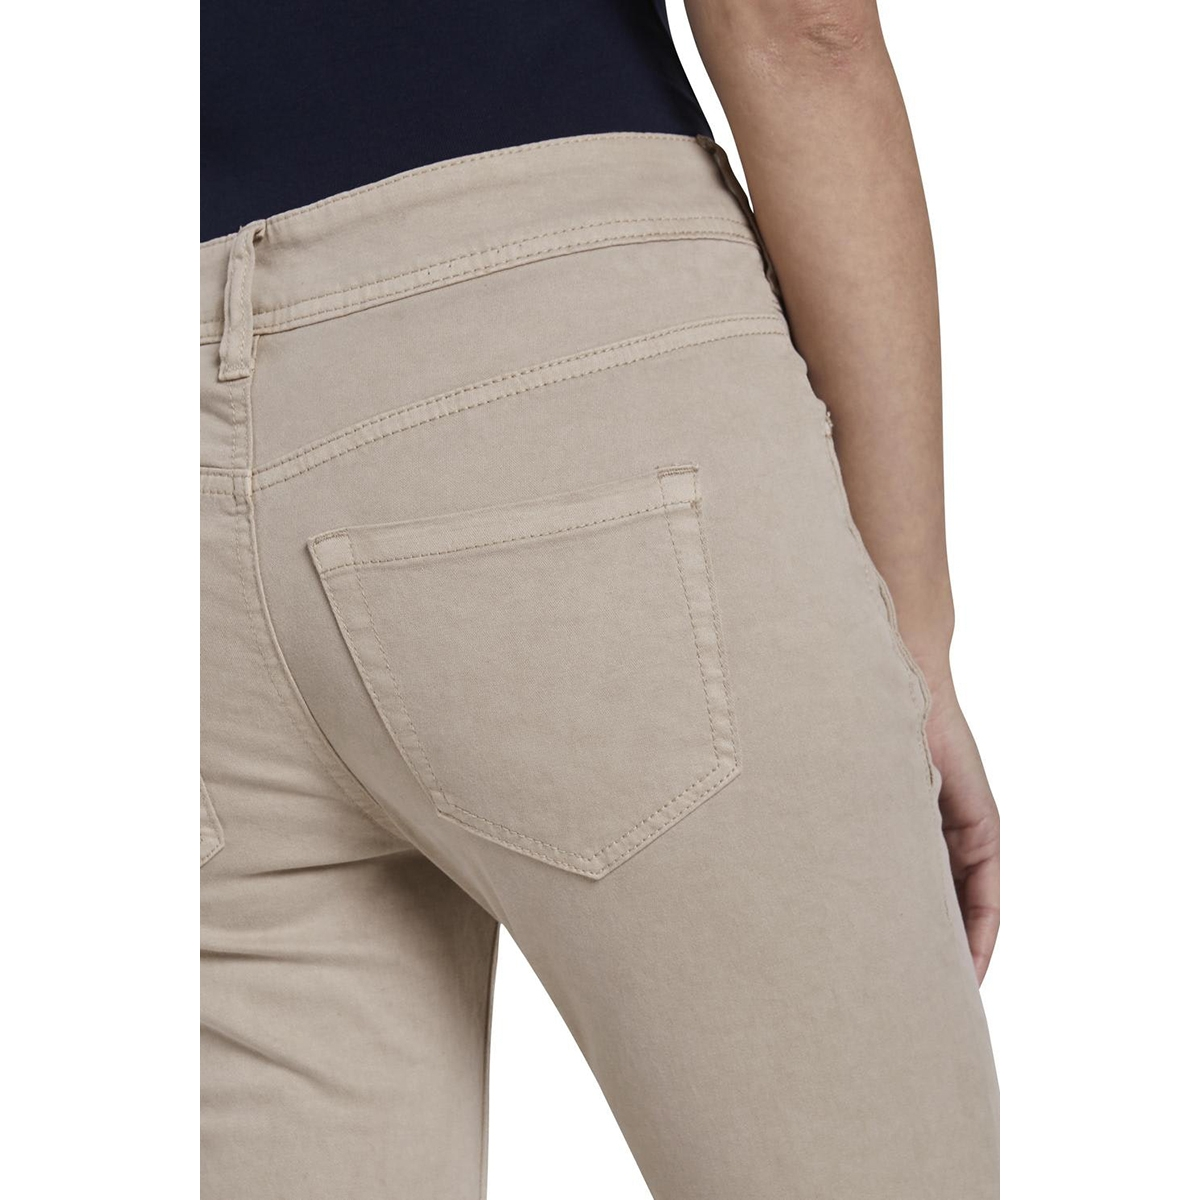 kate slim capri broek 1017636xx70 tom tailor broek 11376